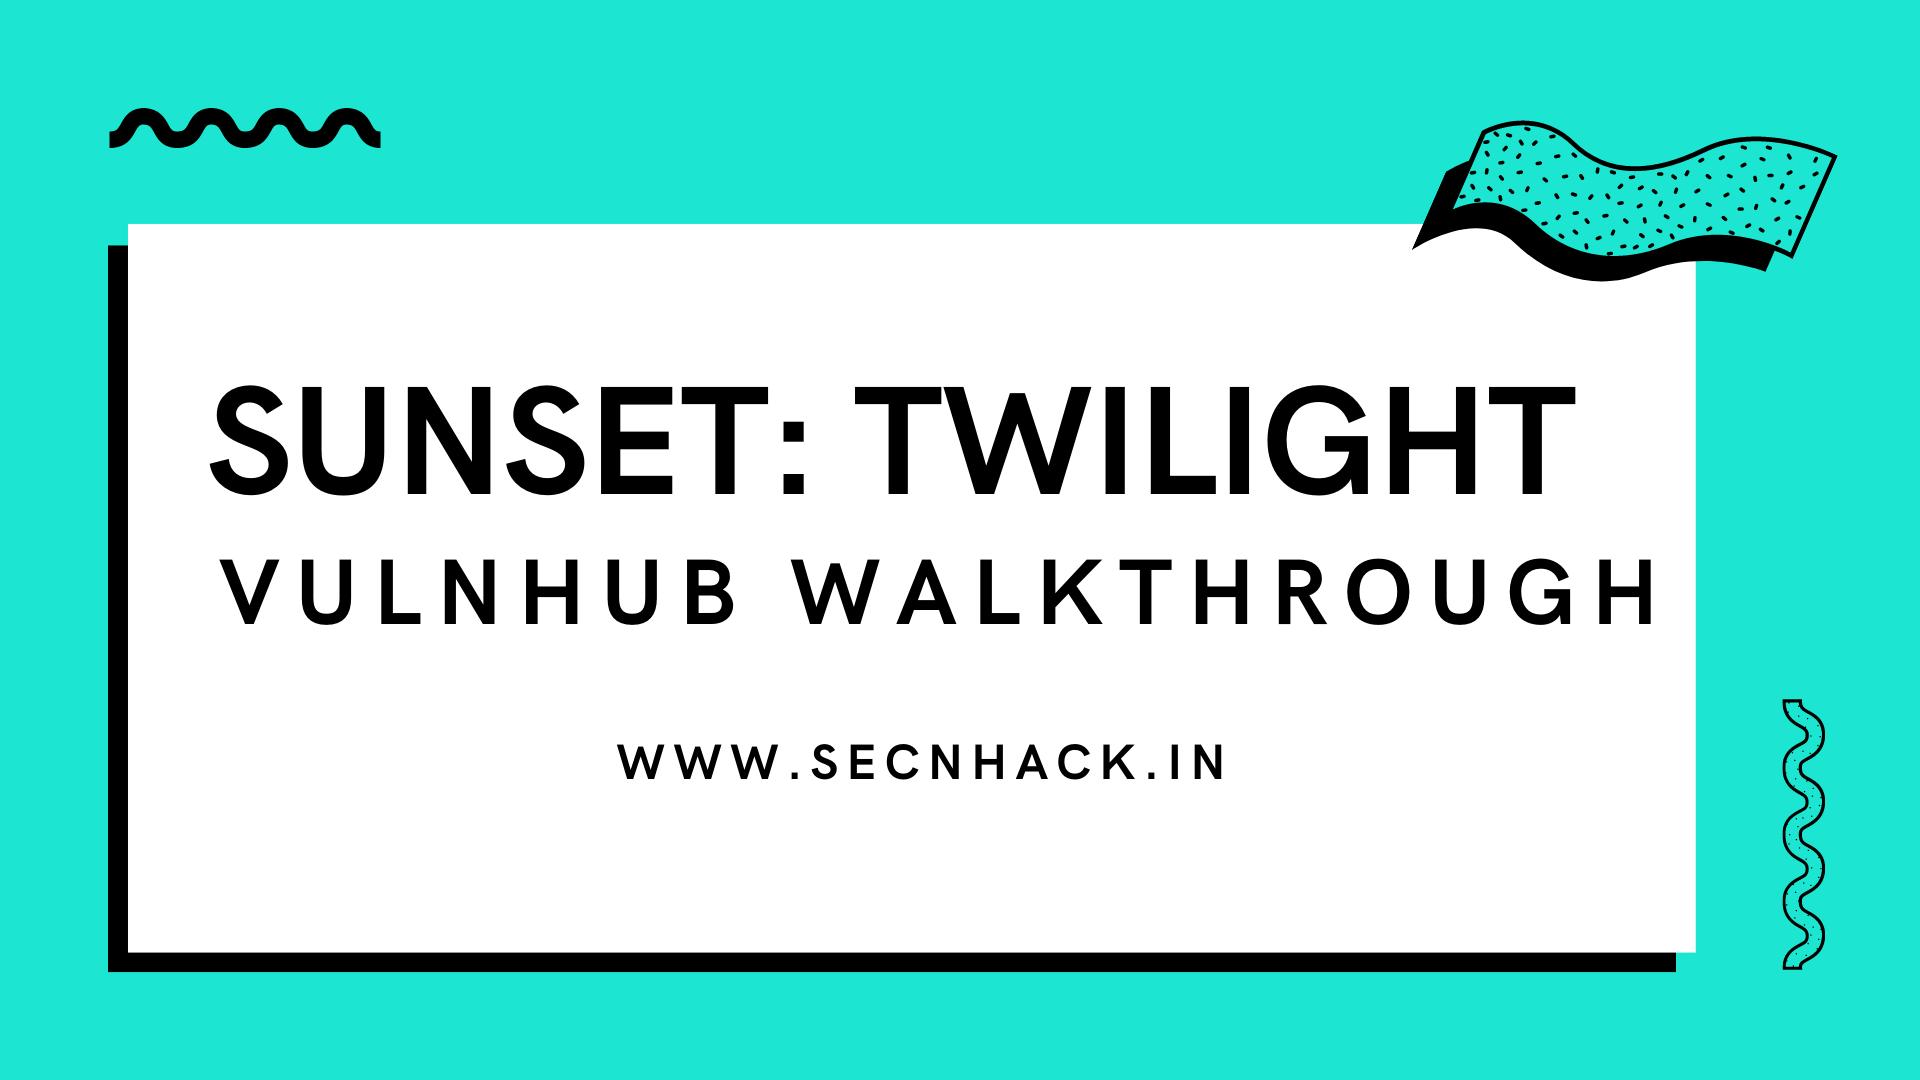 Sunset: Twilight Vulnhub Walkthrough